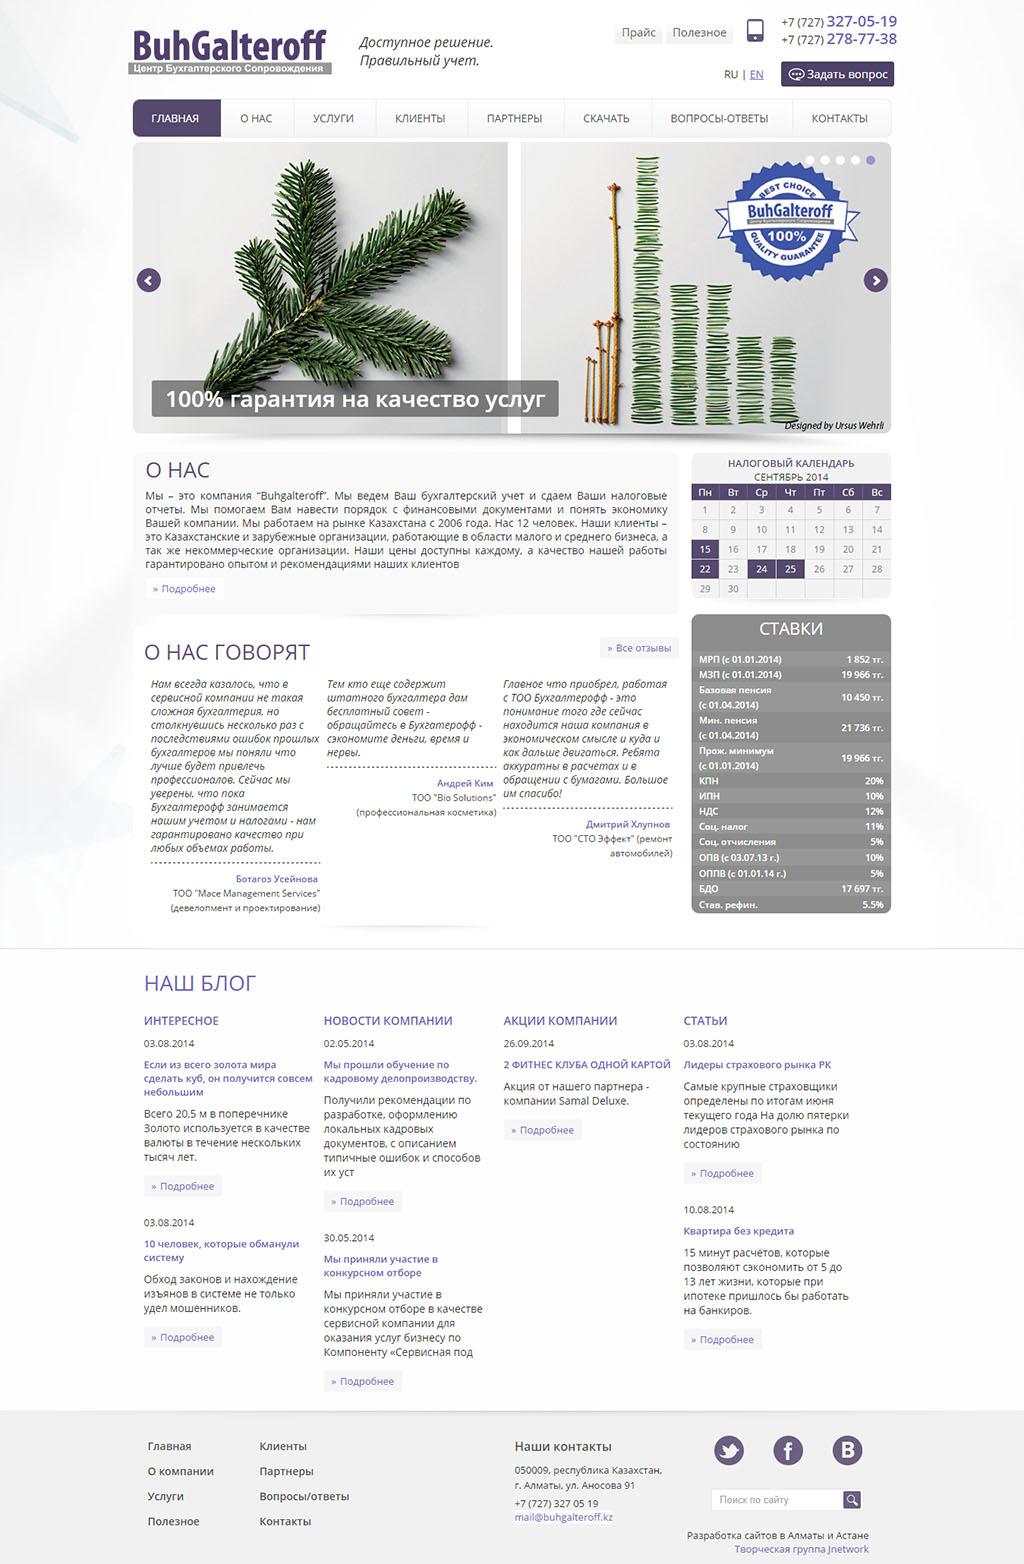 Заказать сайт в компании Jnetwork